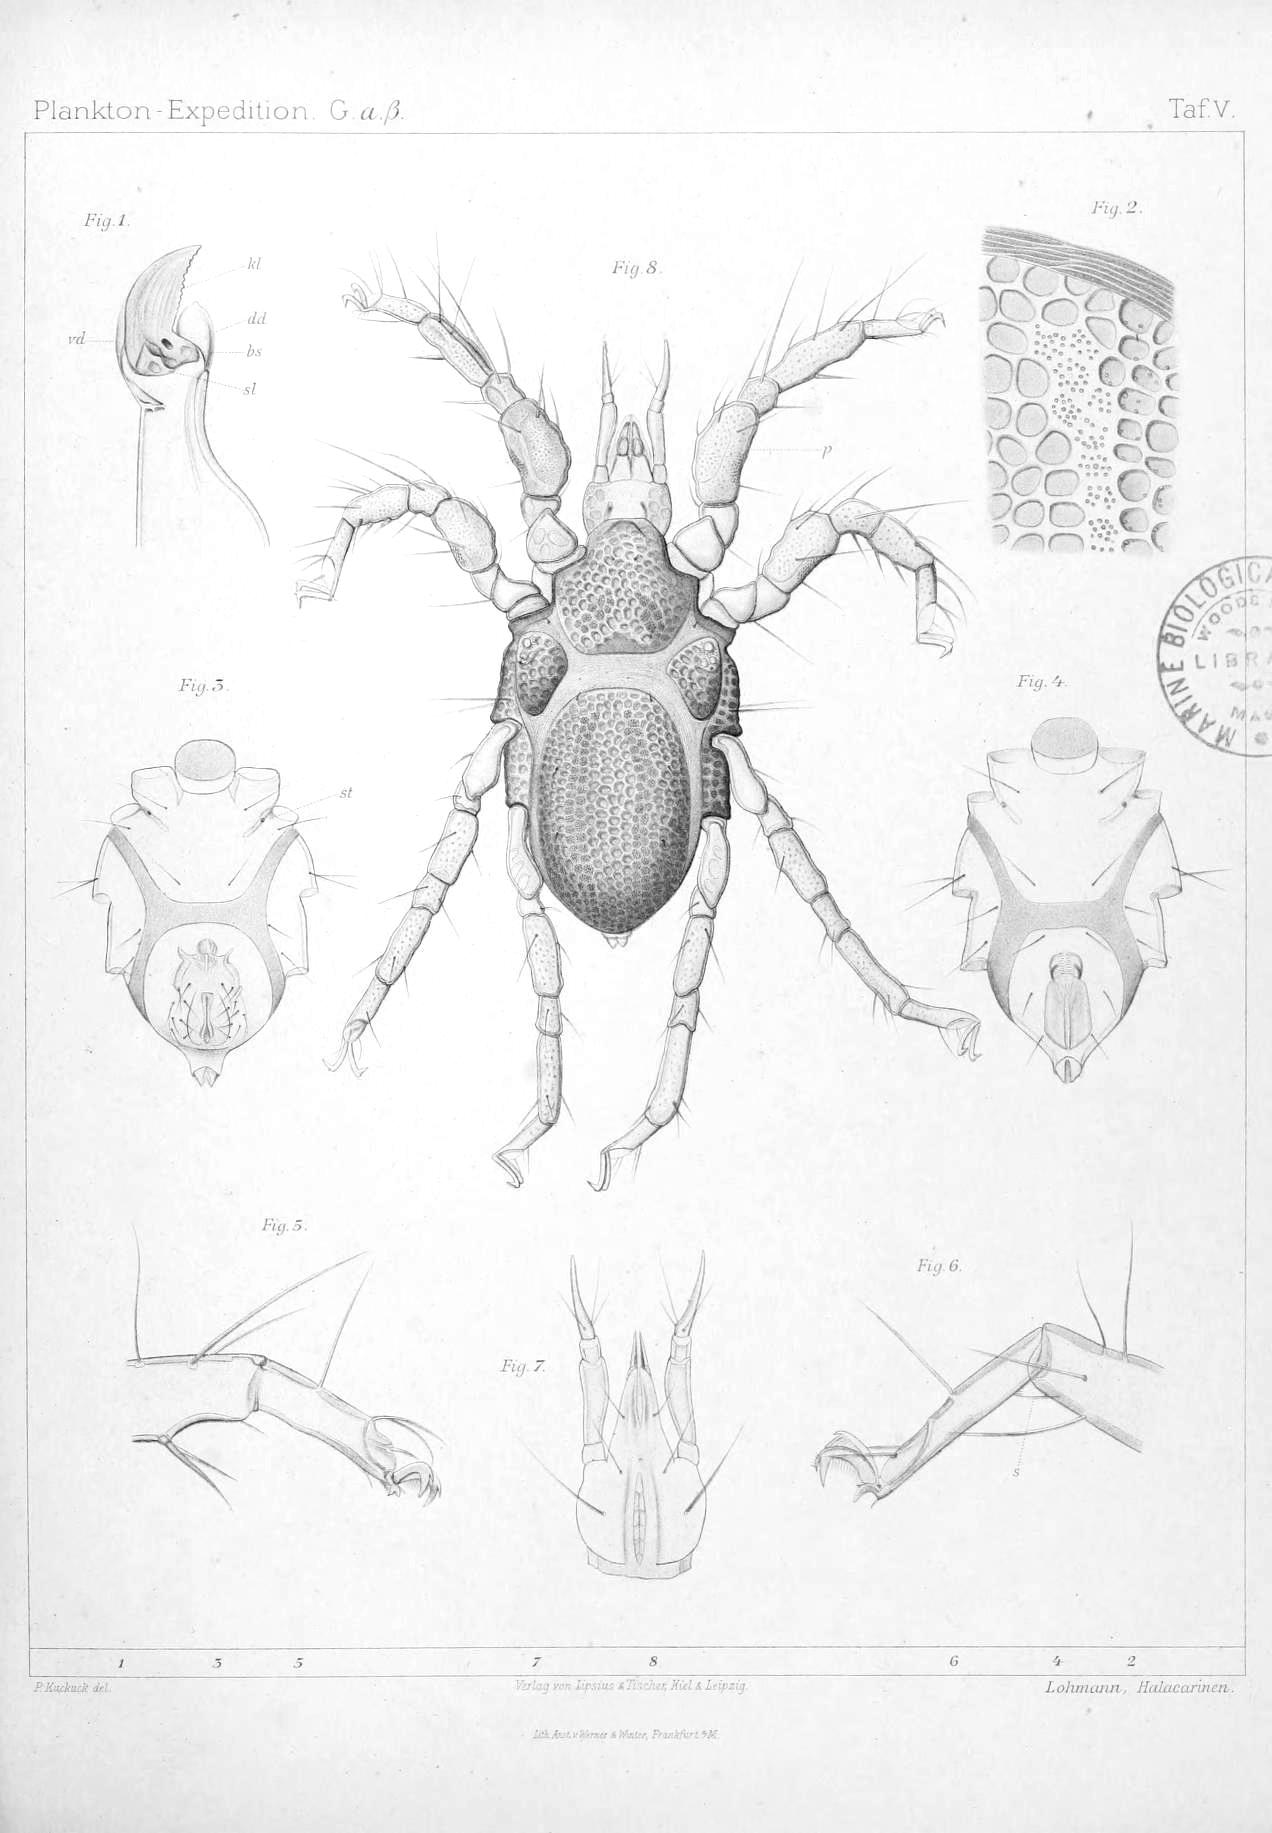 File:Ergebnisse der Plankton-Expedition der Humboldt-Stiftung (2Gaβ ...